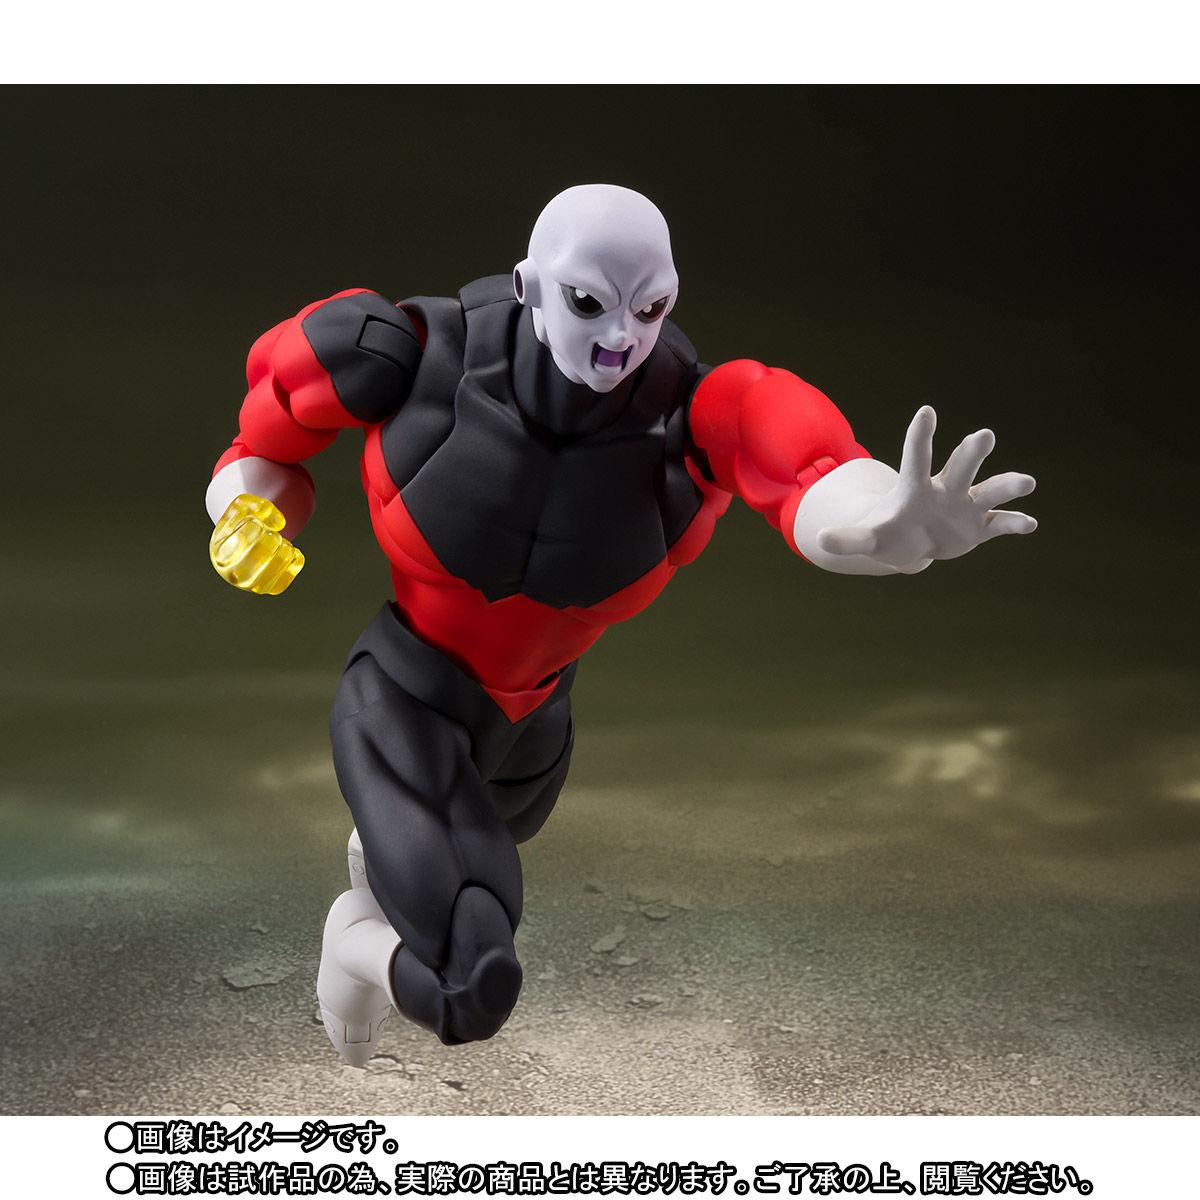 【限定販売】S.H.Figuarts『ジレン』ドラゴンボール超 可動フィギュア-005